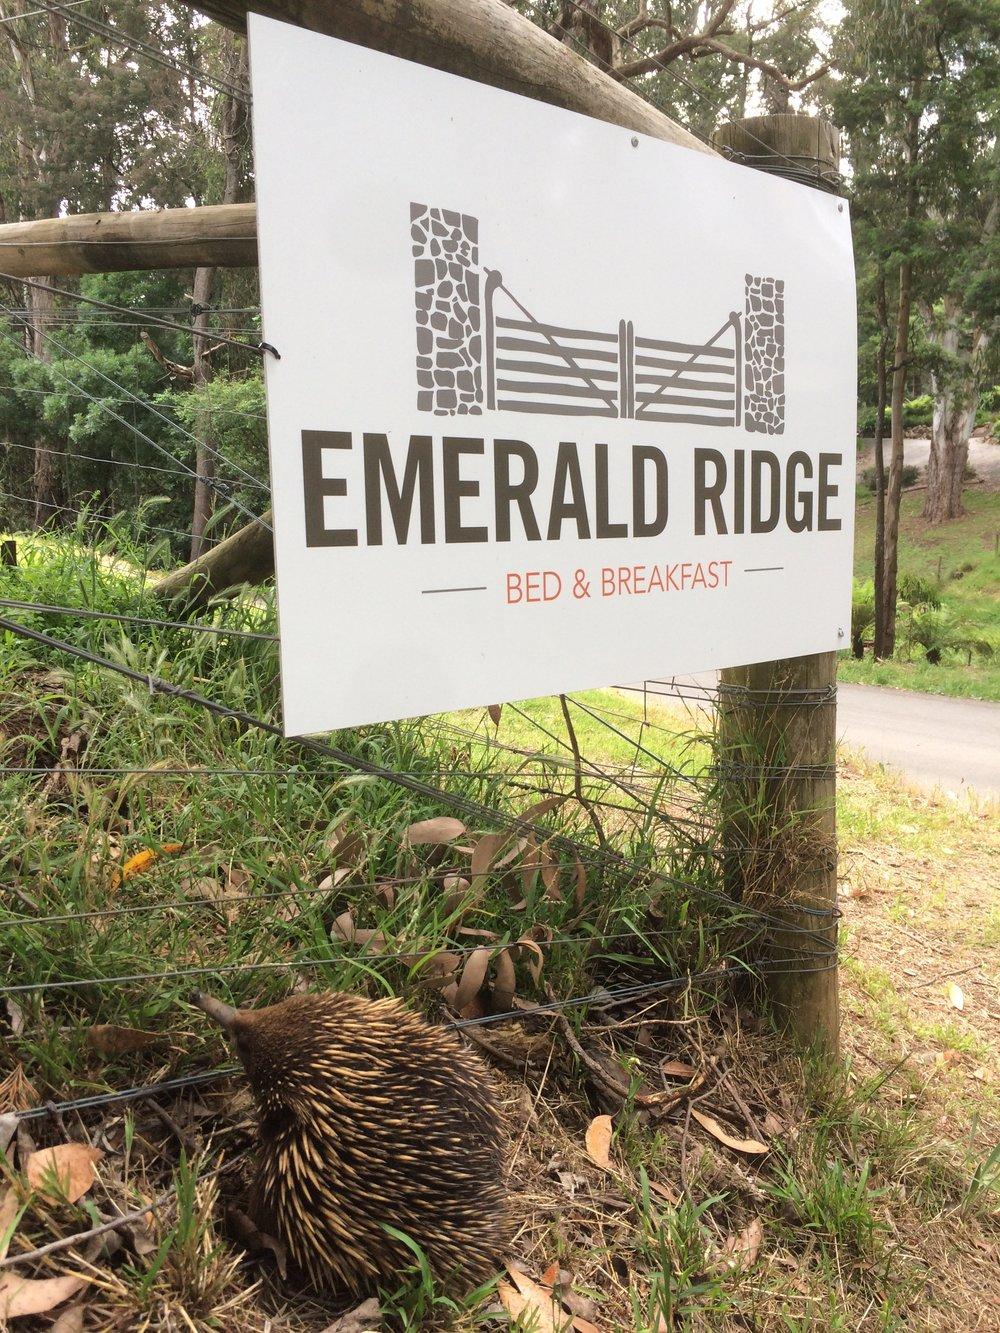 Emerald Ridge Echidna